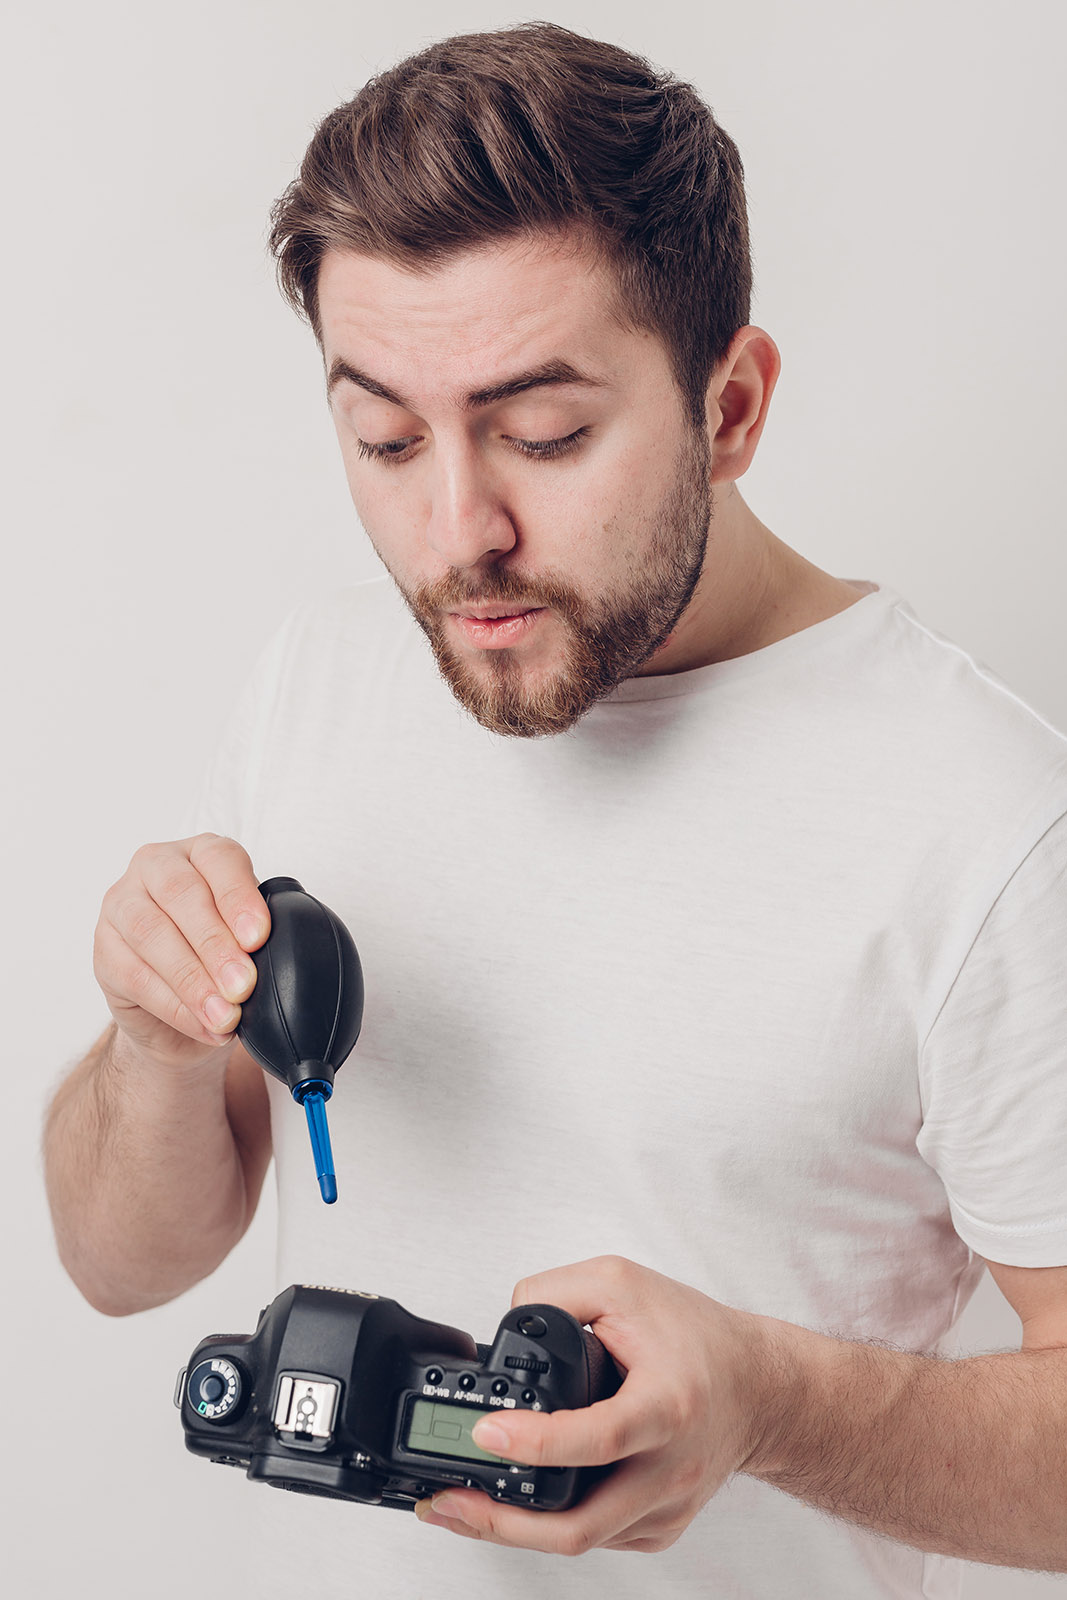 foto van man die camera schoonmaakt met luchtspuiter en zelf ook blaastt